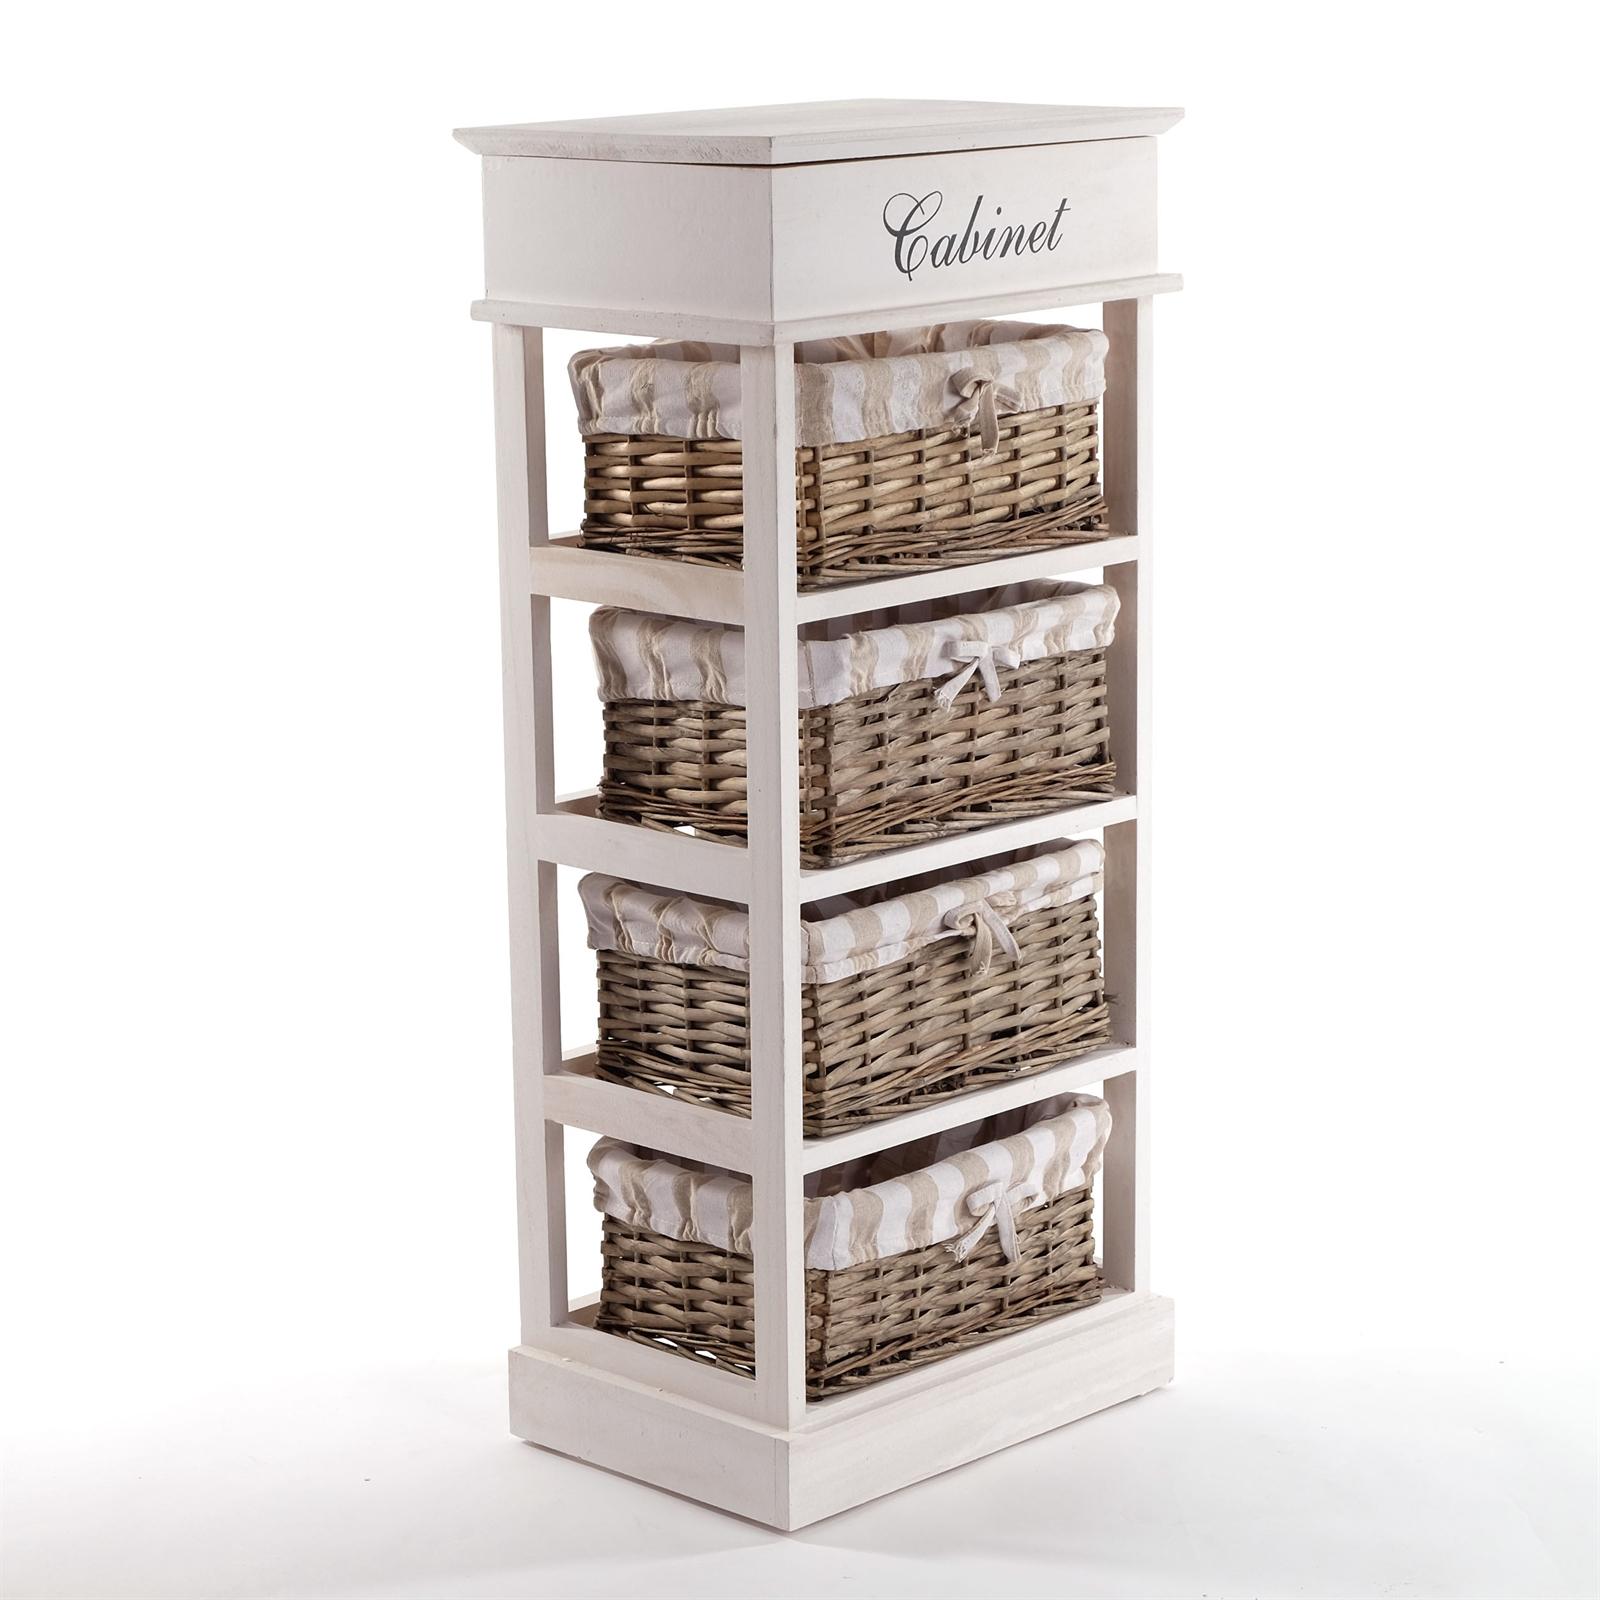 l ndliches korbregal magdalena 86 cm wei holzkommode mit 4 k rben ebay. Black Bedroom Furniture Sets. Home Design Ideas